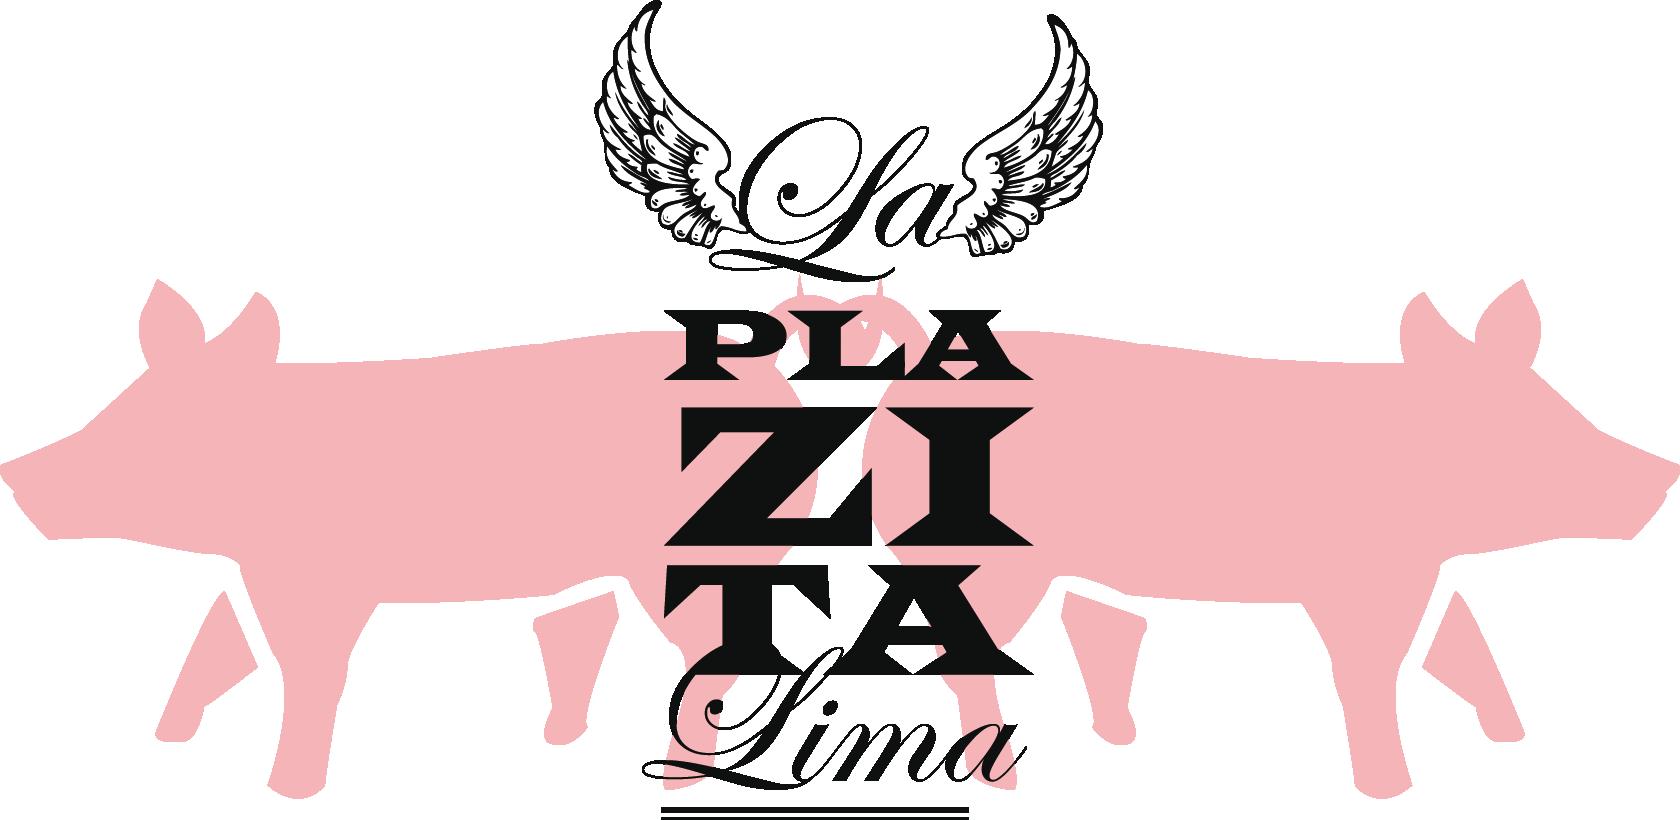 LogoPlazita1